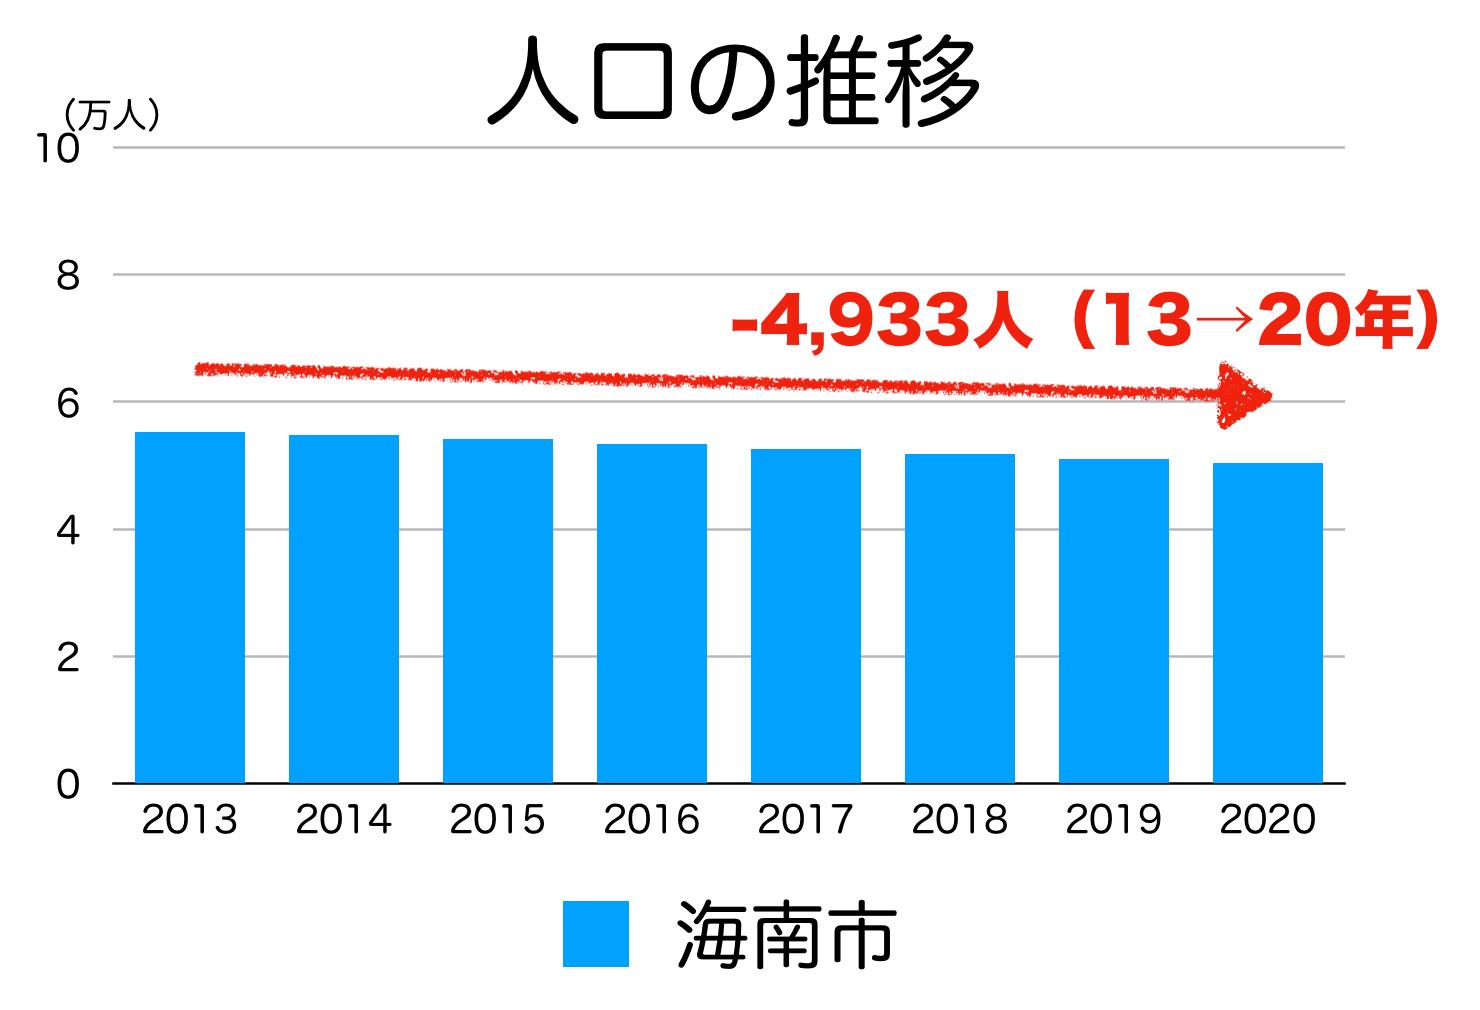 海南市の人口推移